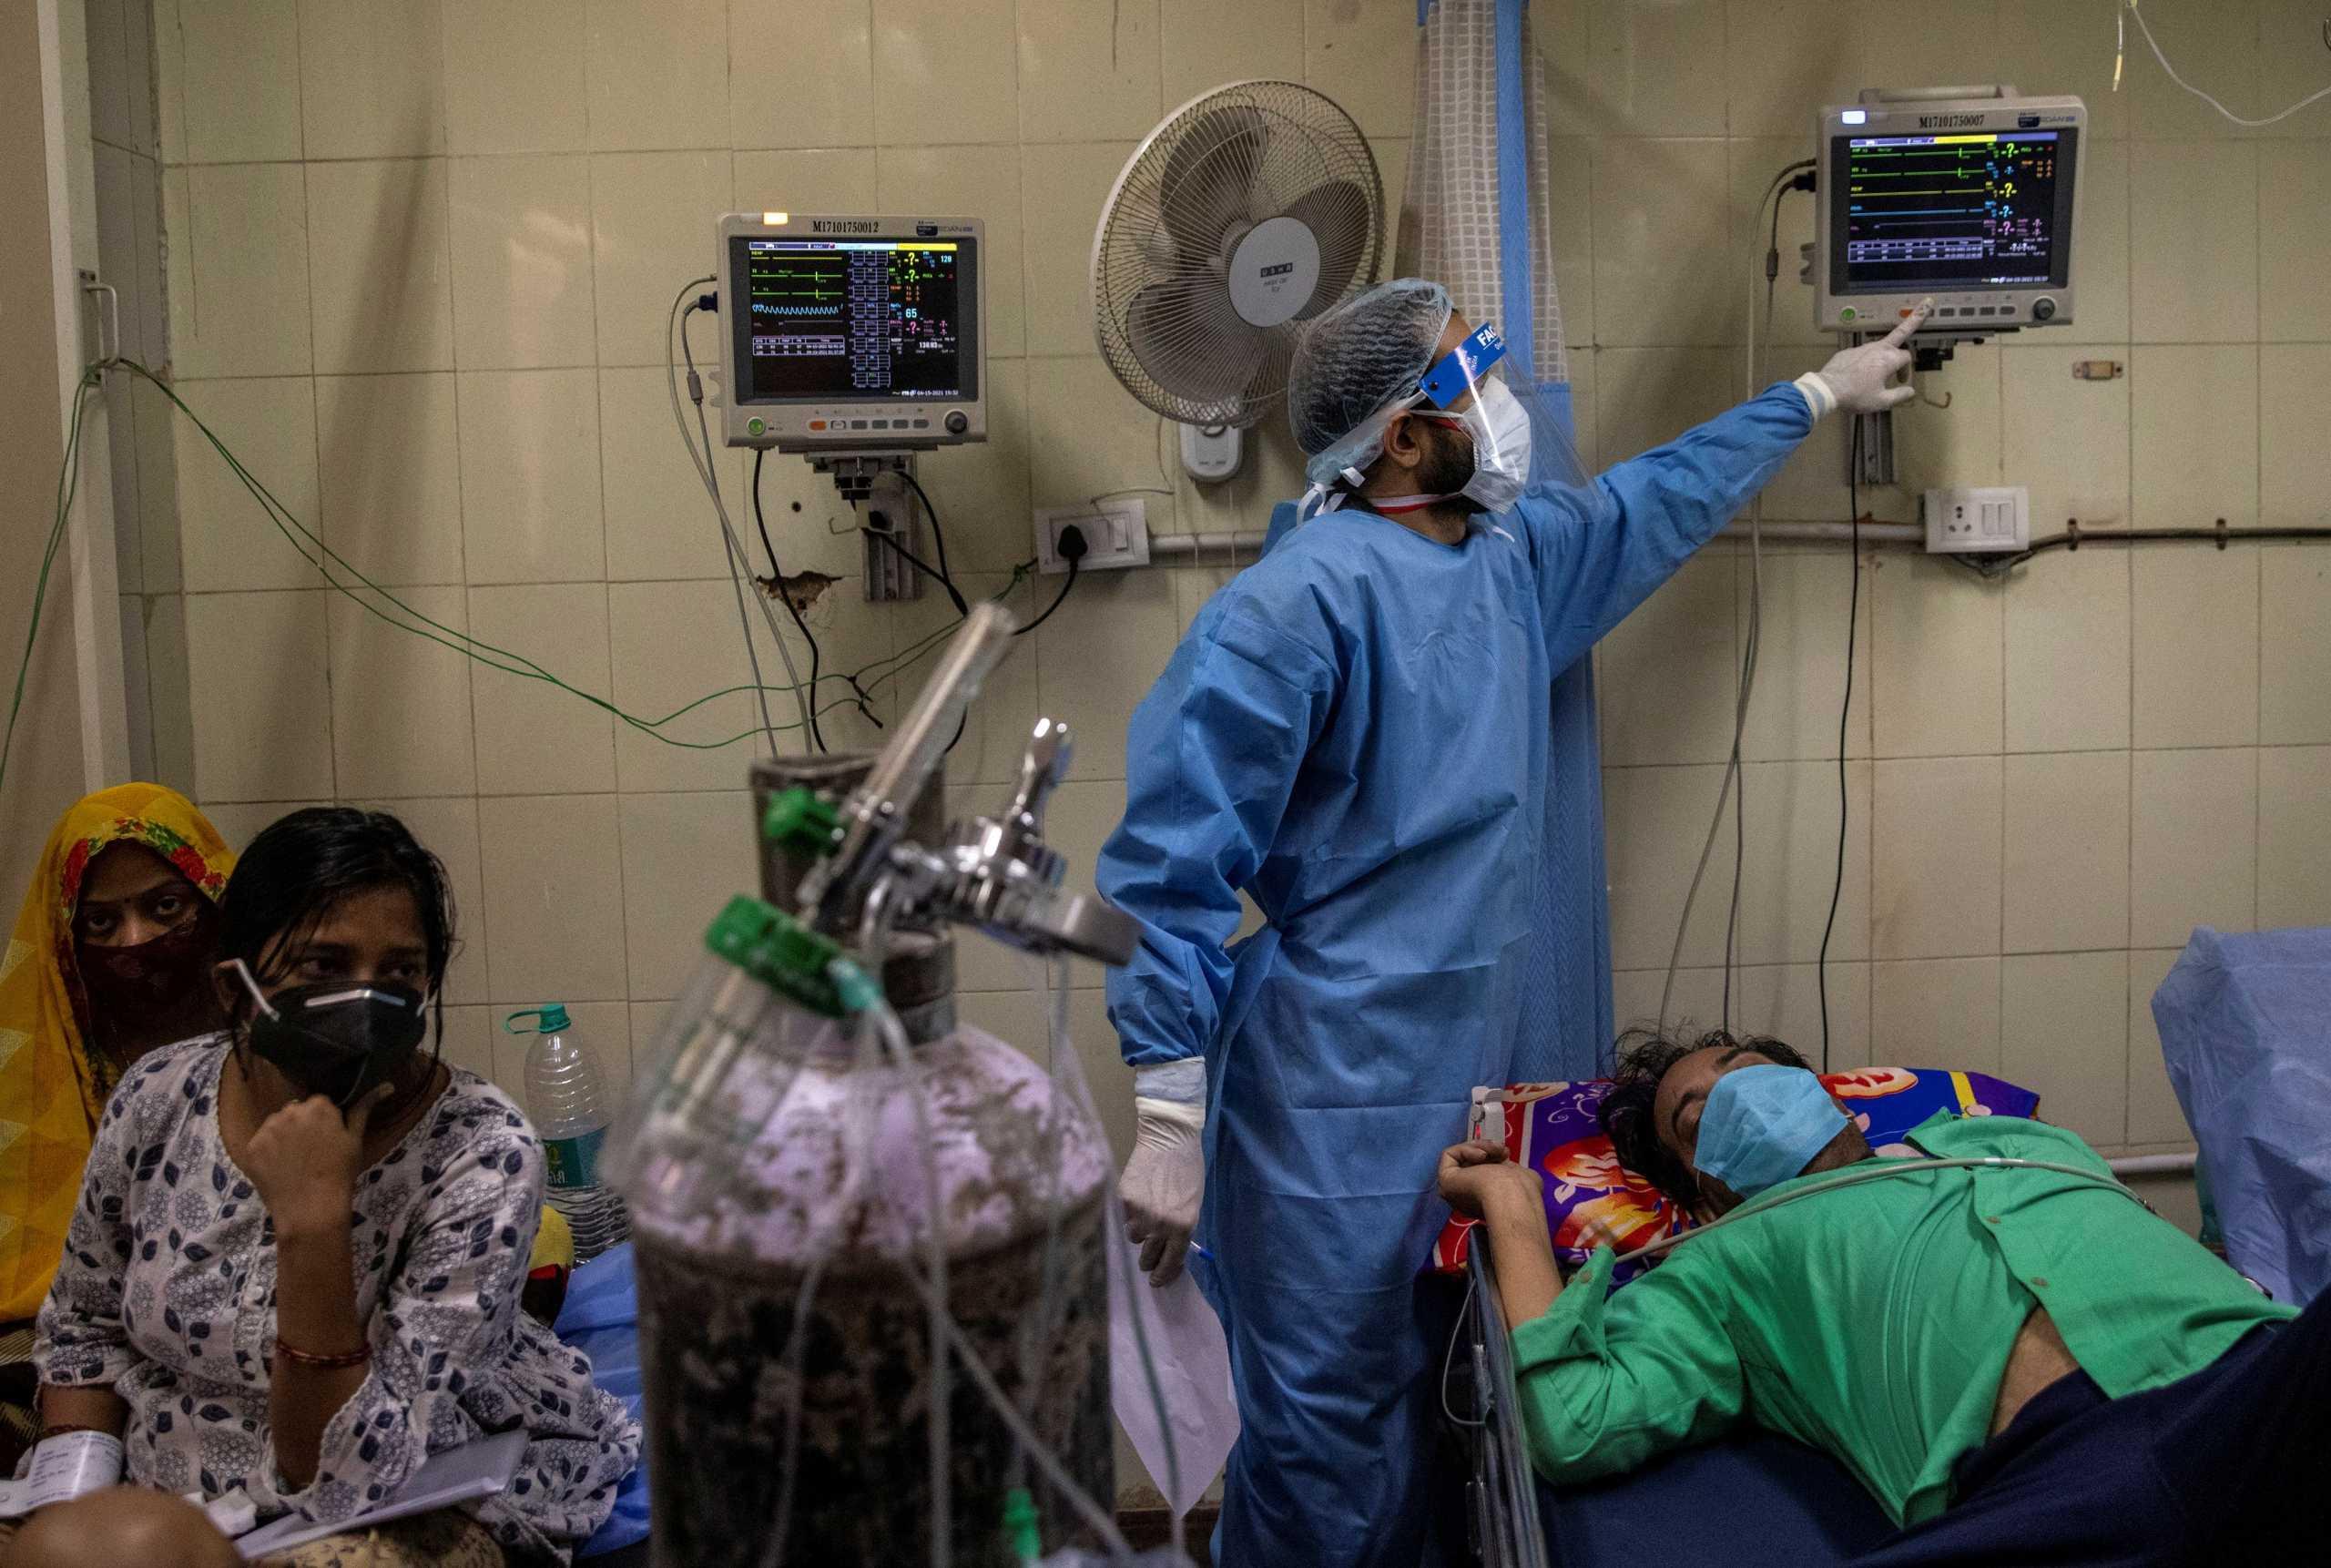 Ινδία: Σχεδόν 260.000 κρούσματα κορονοϊού και 1.761 νεκροί το τελευταίο 24ωρο